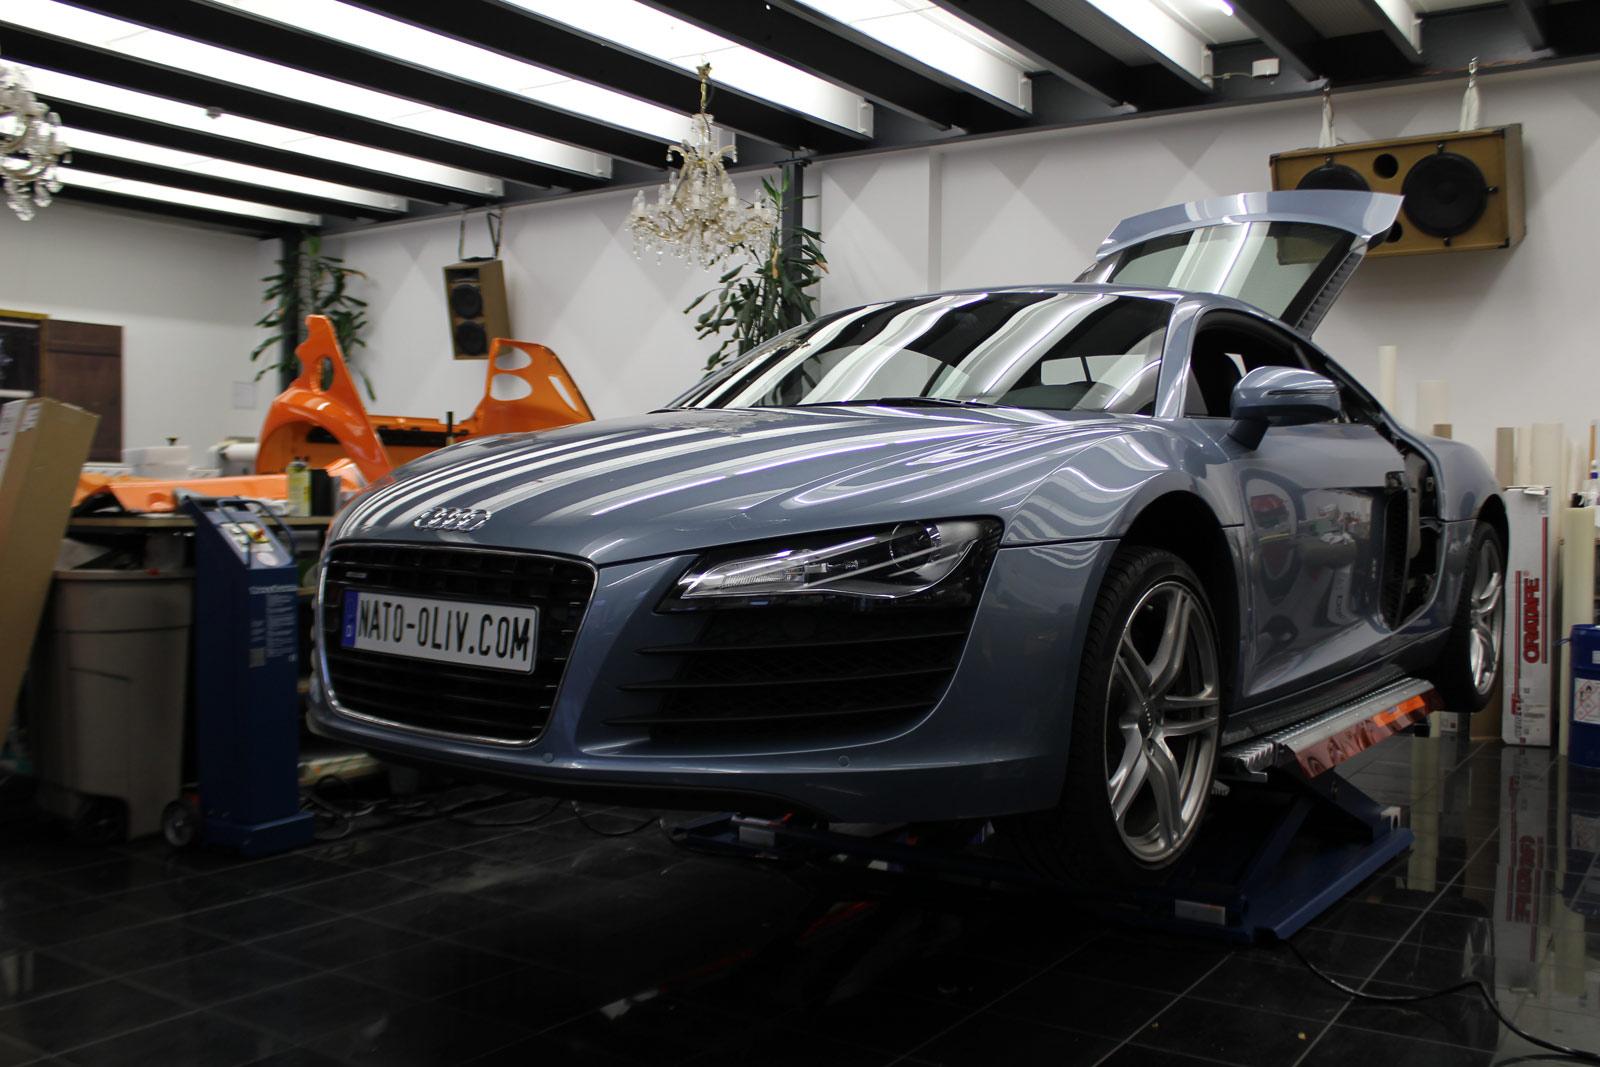 Audi_R8_Folierung_Weiß_Glanz_Union_Jack_Flagge_15